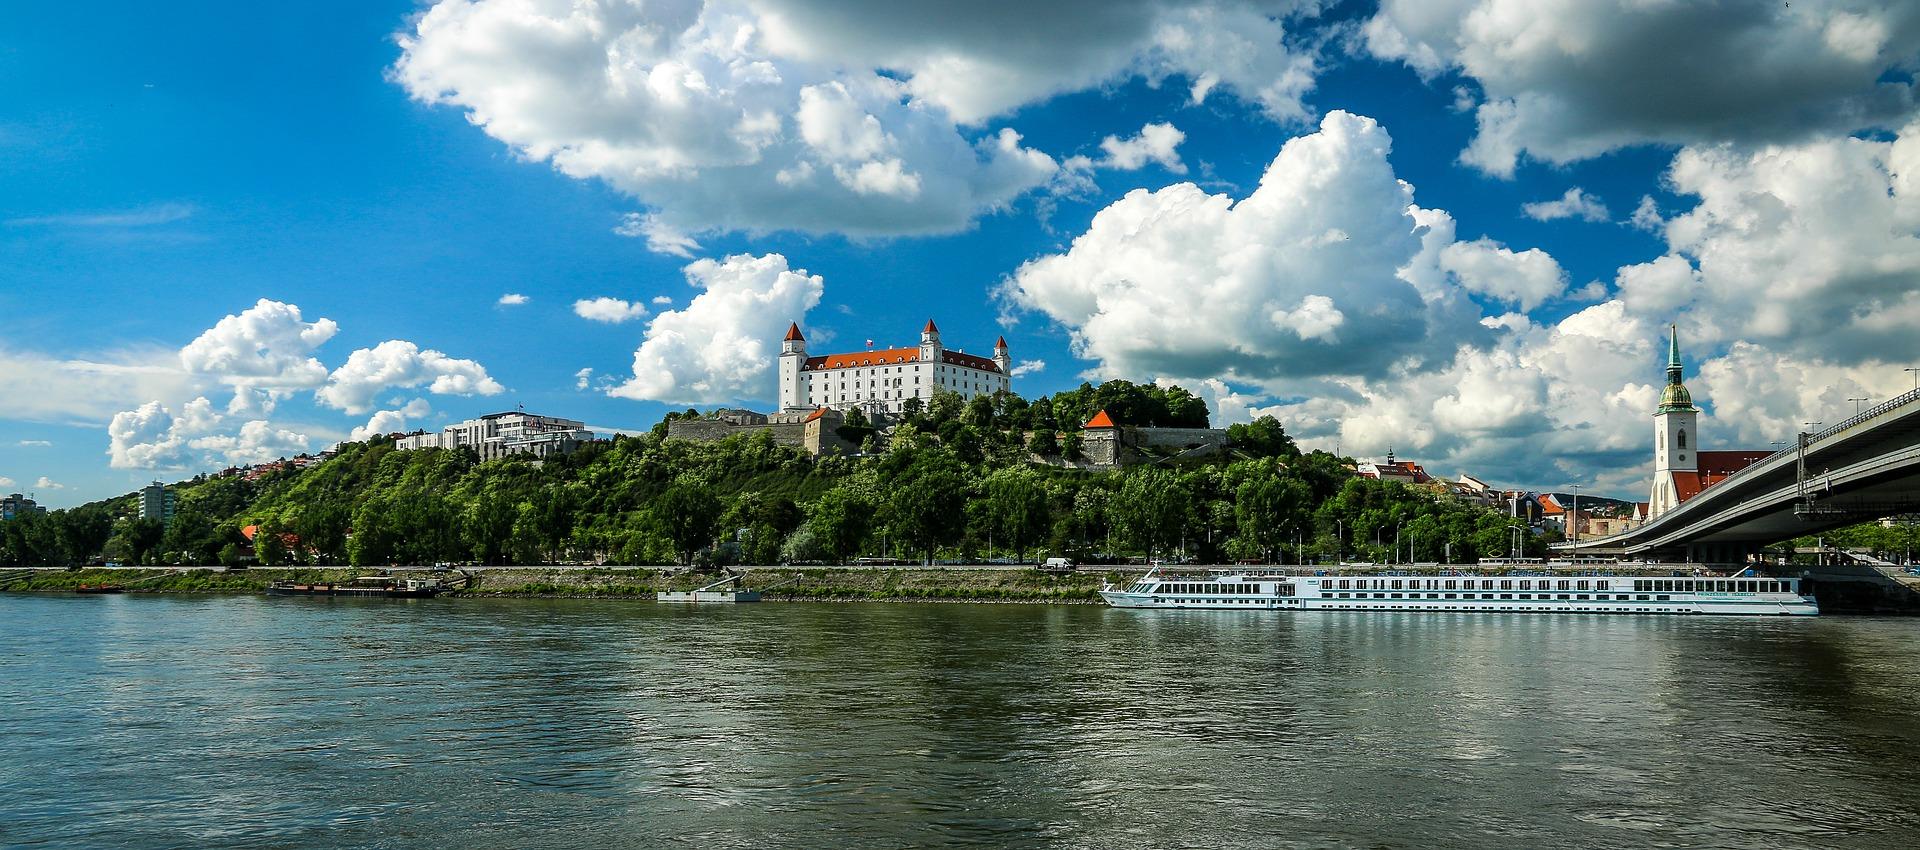 bratislava-1768975_1920